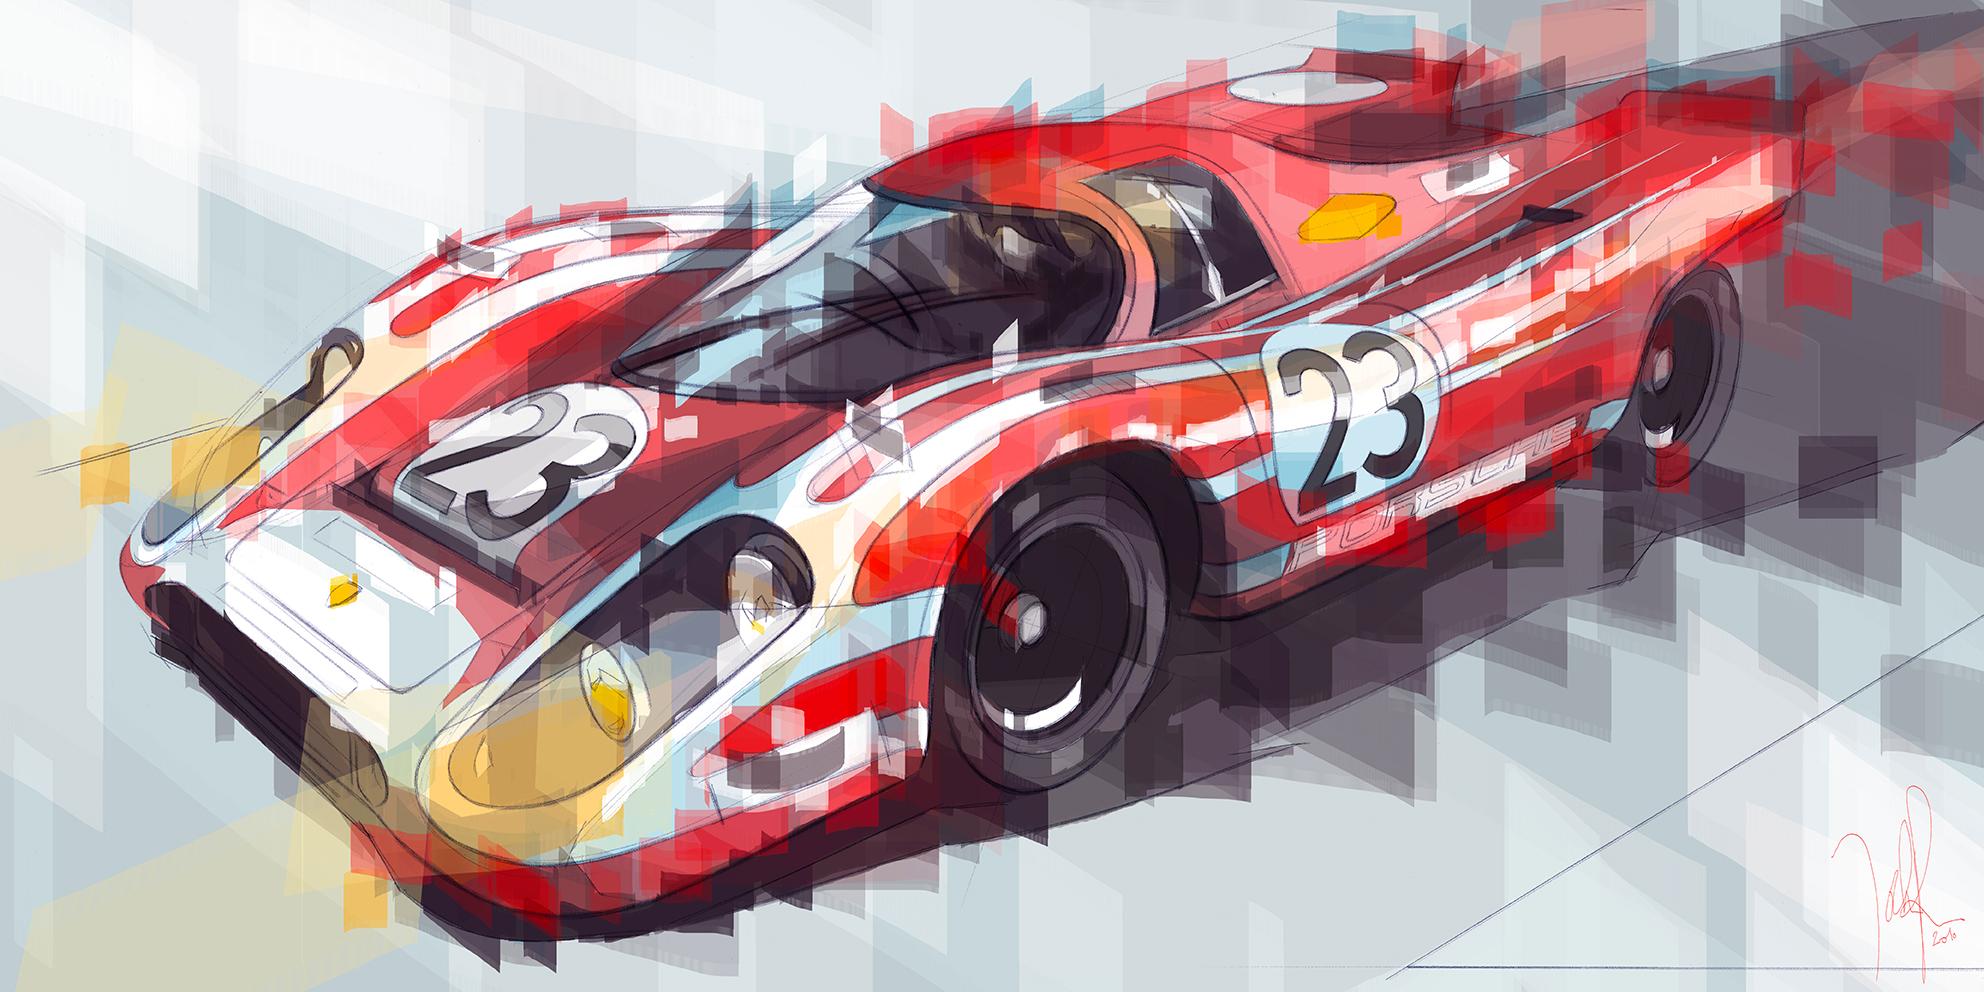 24 Heures du Mans - 1970 Winner Porsche 917k Salzburg Team